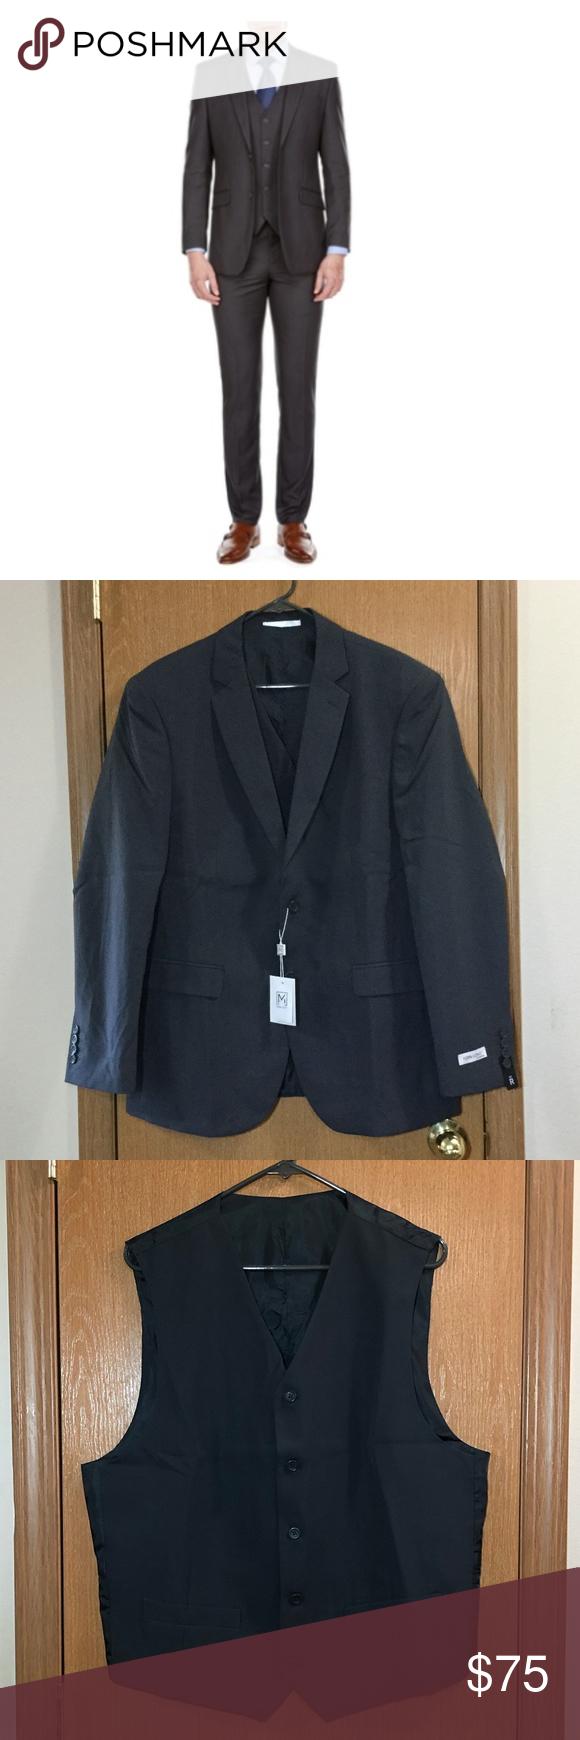 Mdrn Uomo By Braveman Men S Slim Fit 3 Piece Suit 3 Piece Suits Slim Fit Trousers Suits